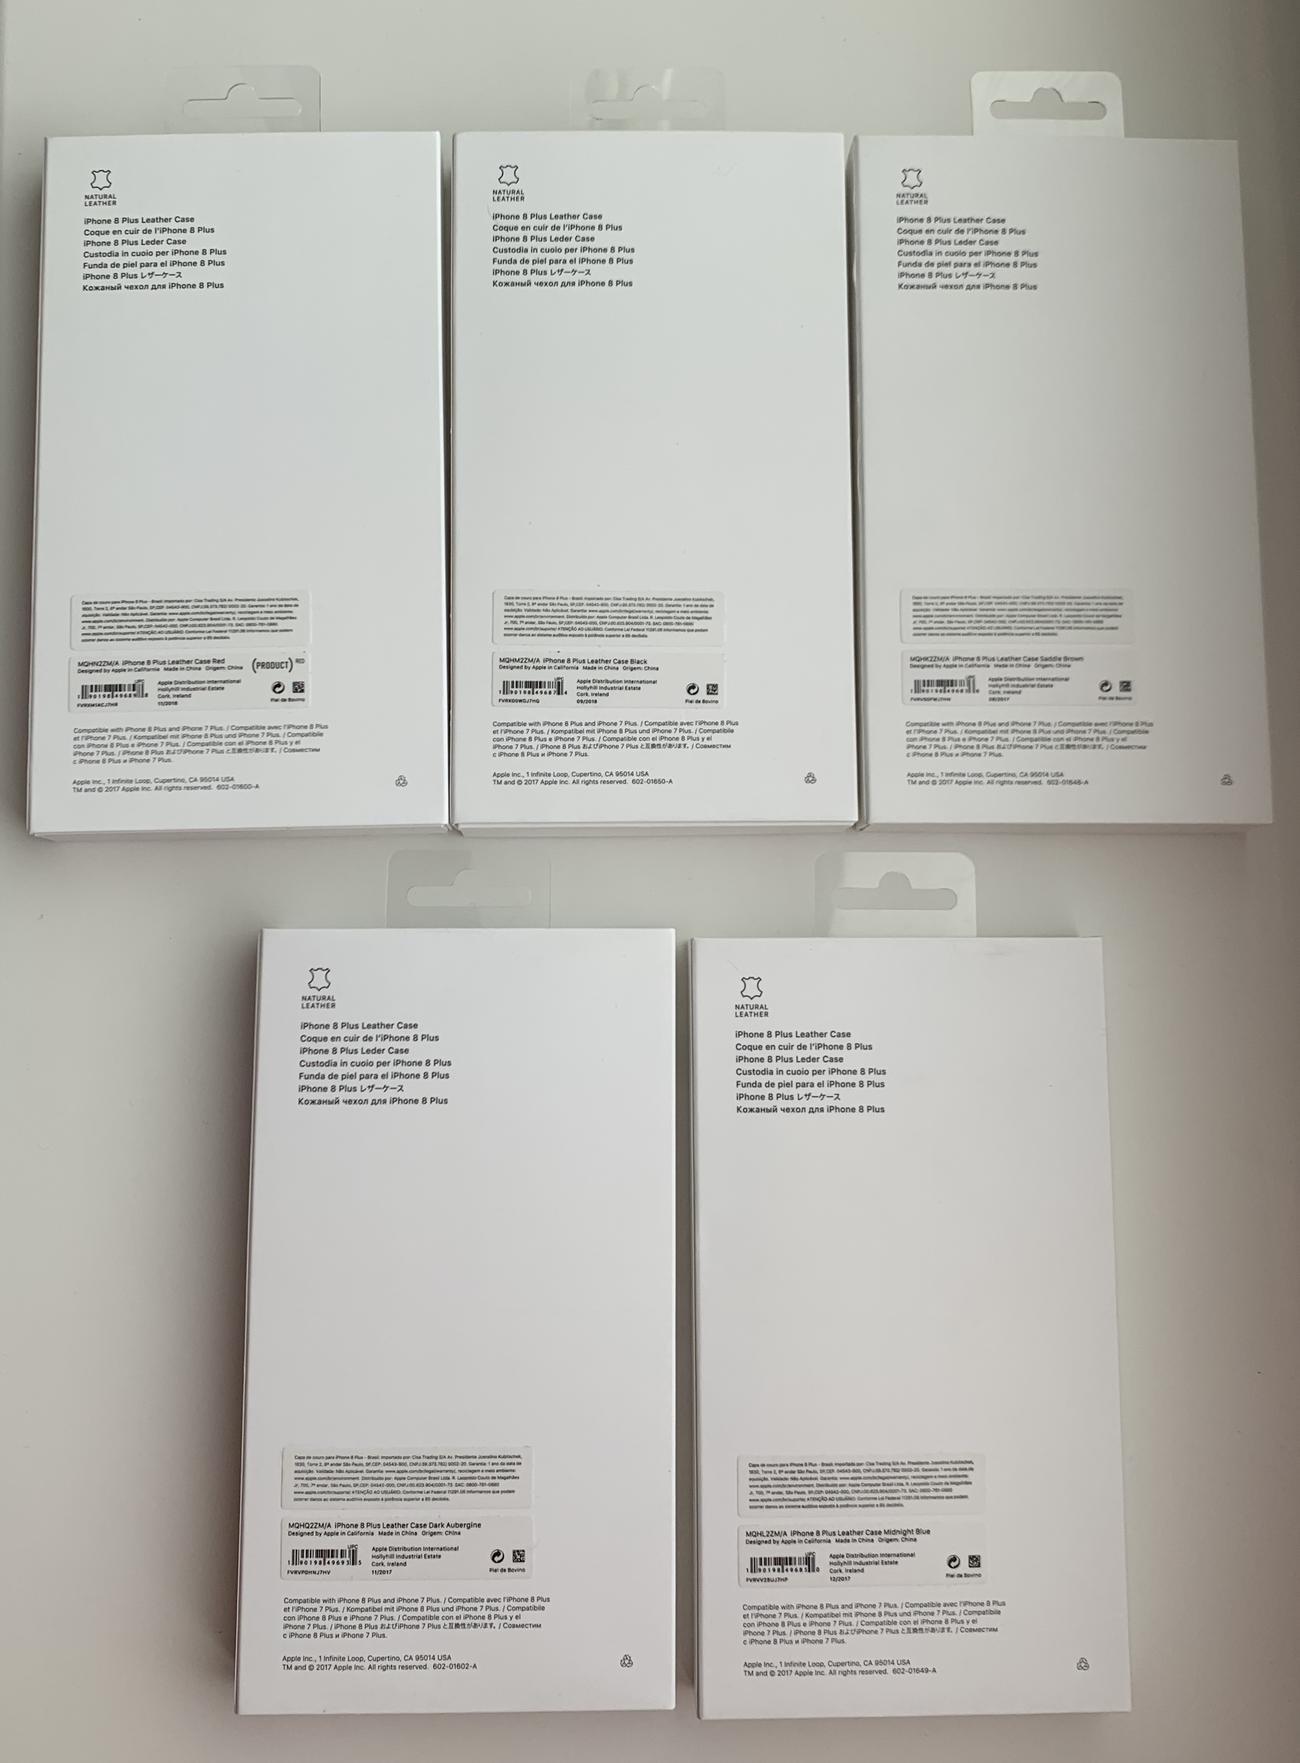 E0fda54543bef09c7c30f8297a4e5334e68360ac original